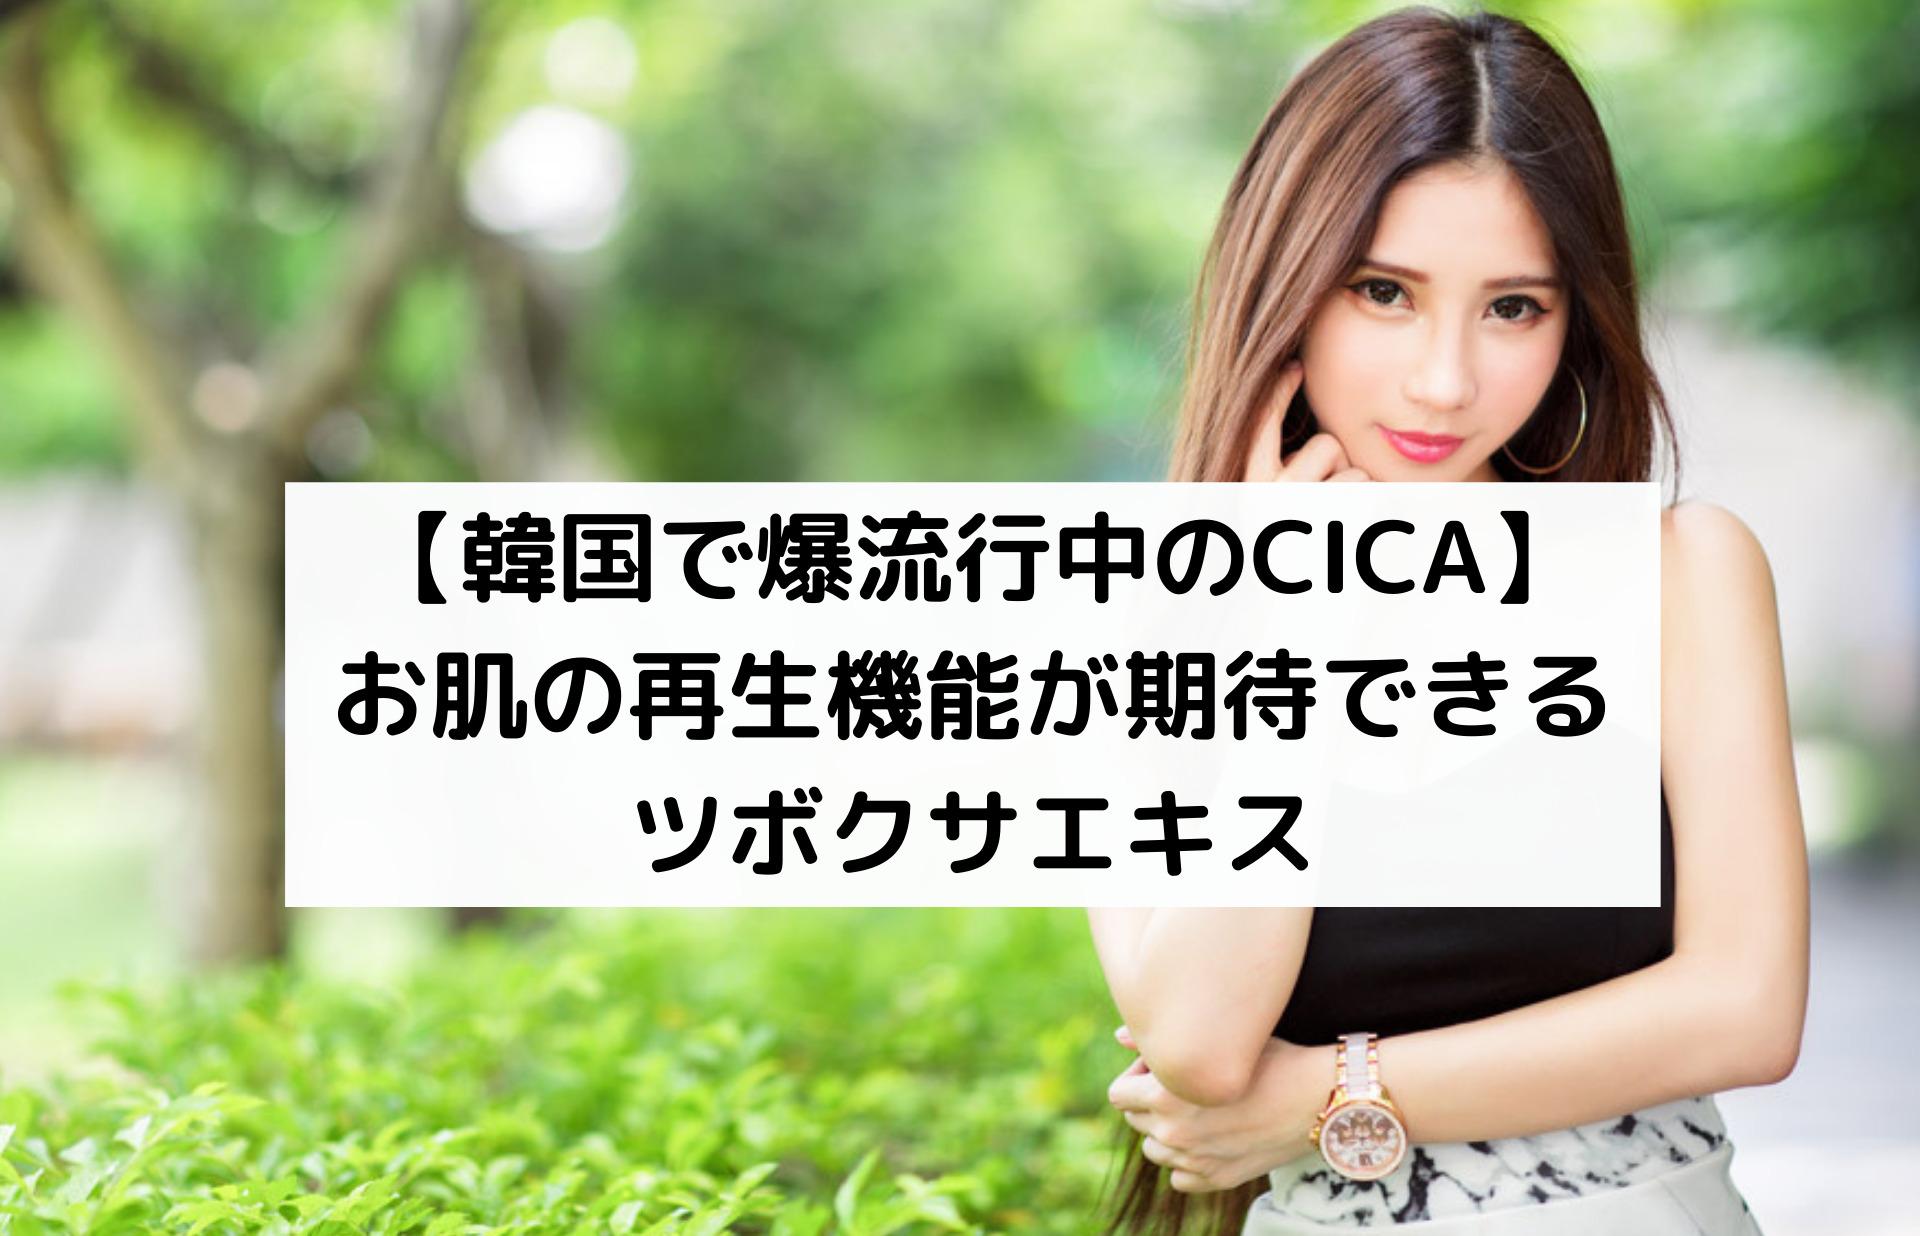 【韓国で爆流行中のCICA】お肌の再生機能が期待できるツボクサエキス